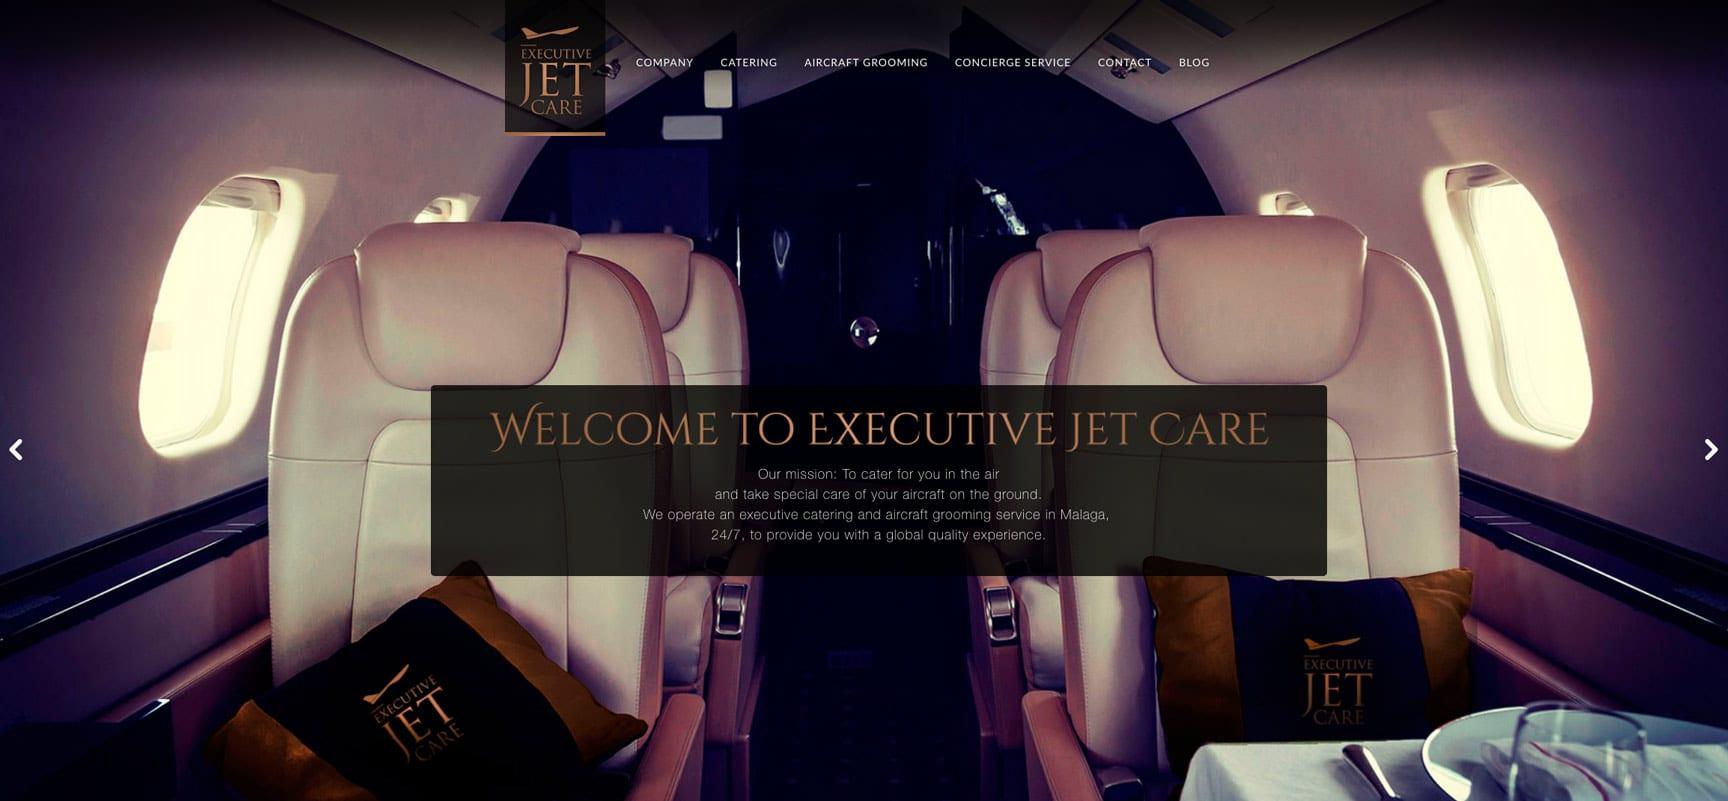 Diseño de imagen corporativa para catering en jets privados